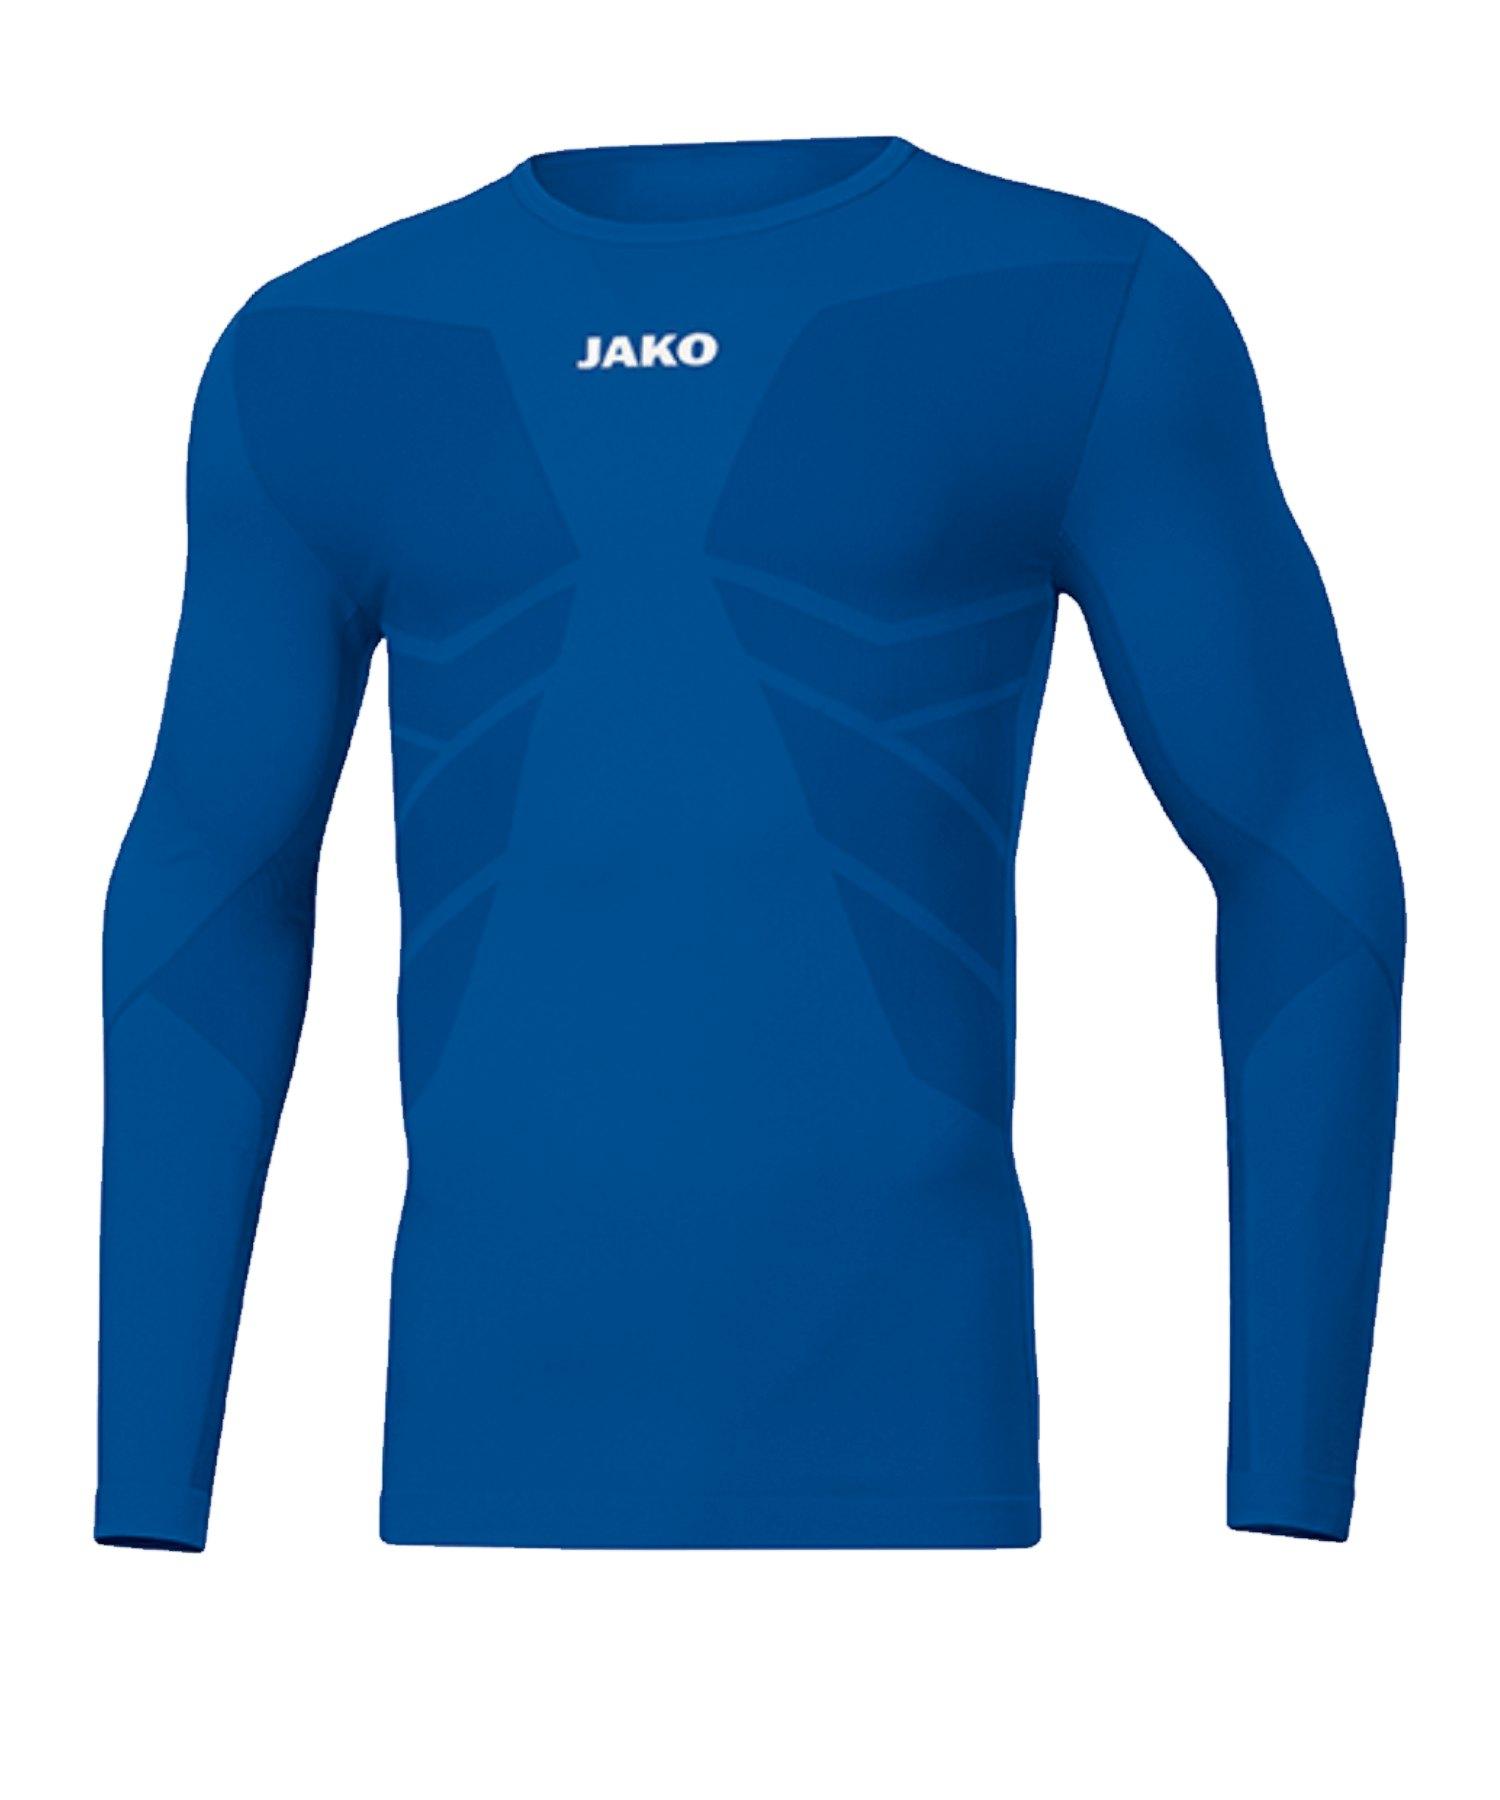 JAKO Comfort 2.0 langarm Blau F04 - blau